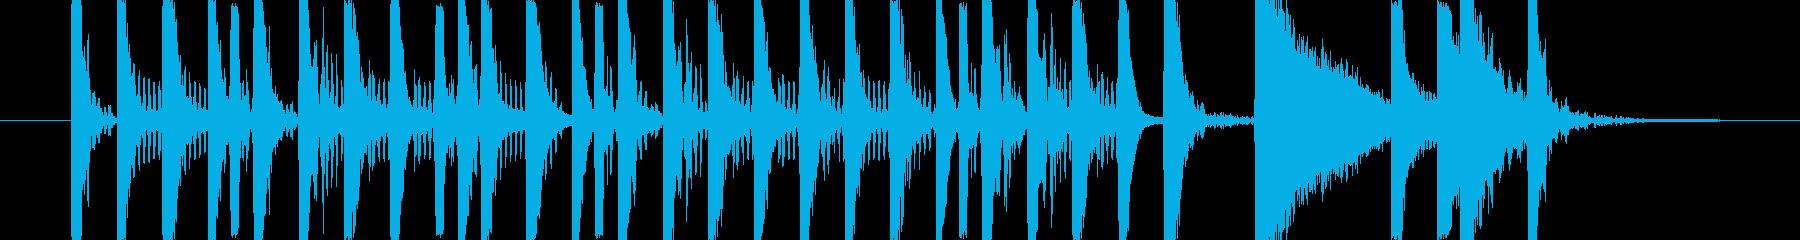 ドラム ベース ロックテイストなリズムの再生済みの波形